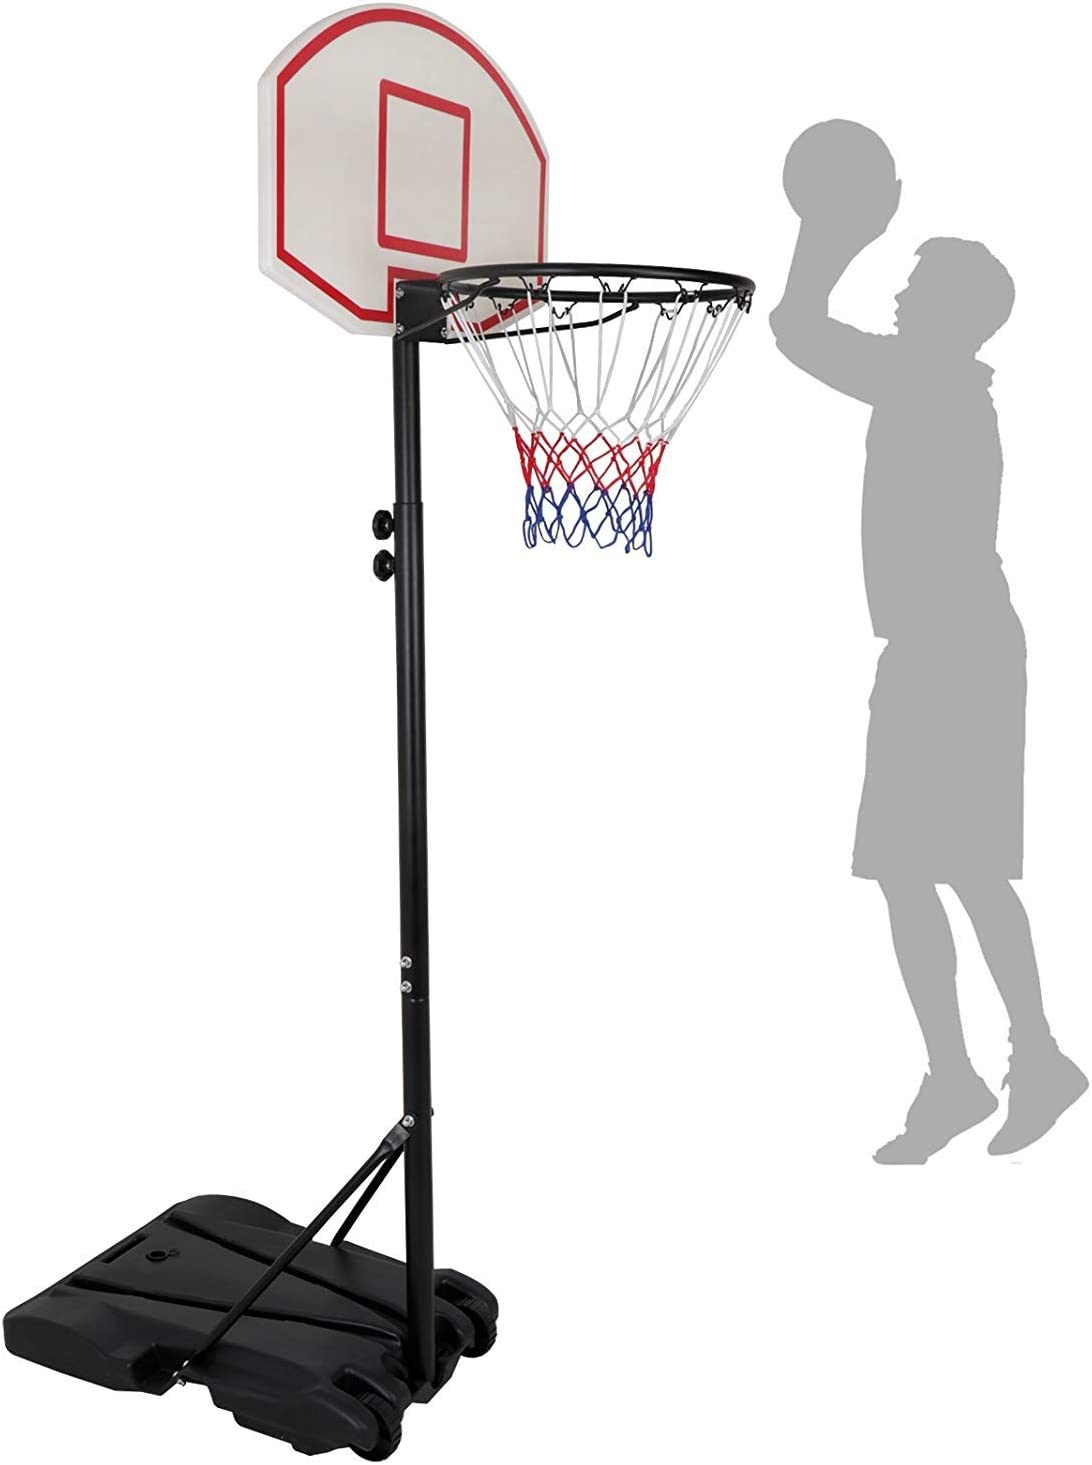 Amazon.com: Smartxchoices Juego de baloncesto / Juego de aro ...